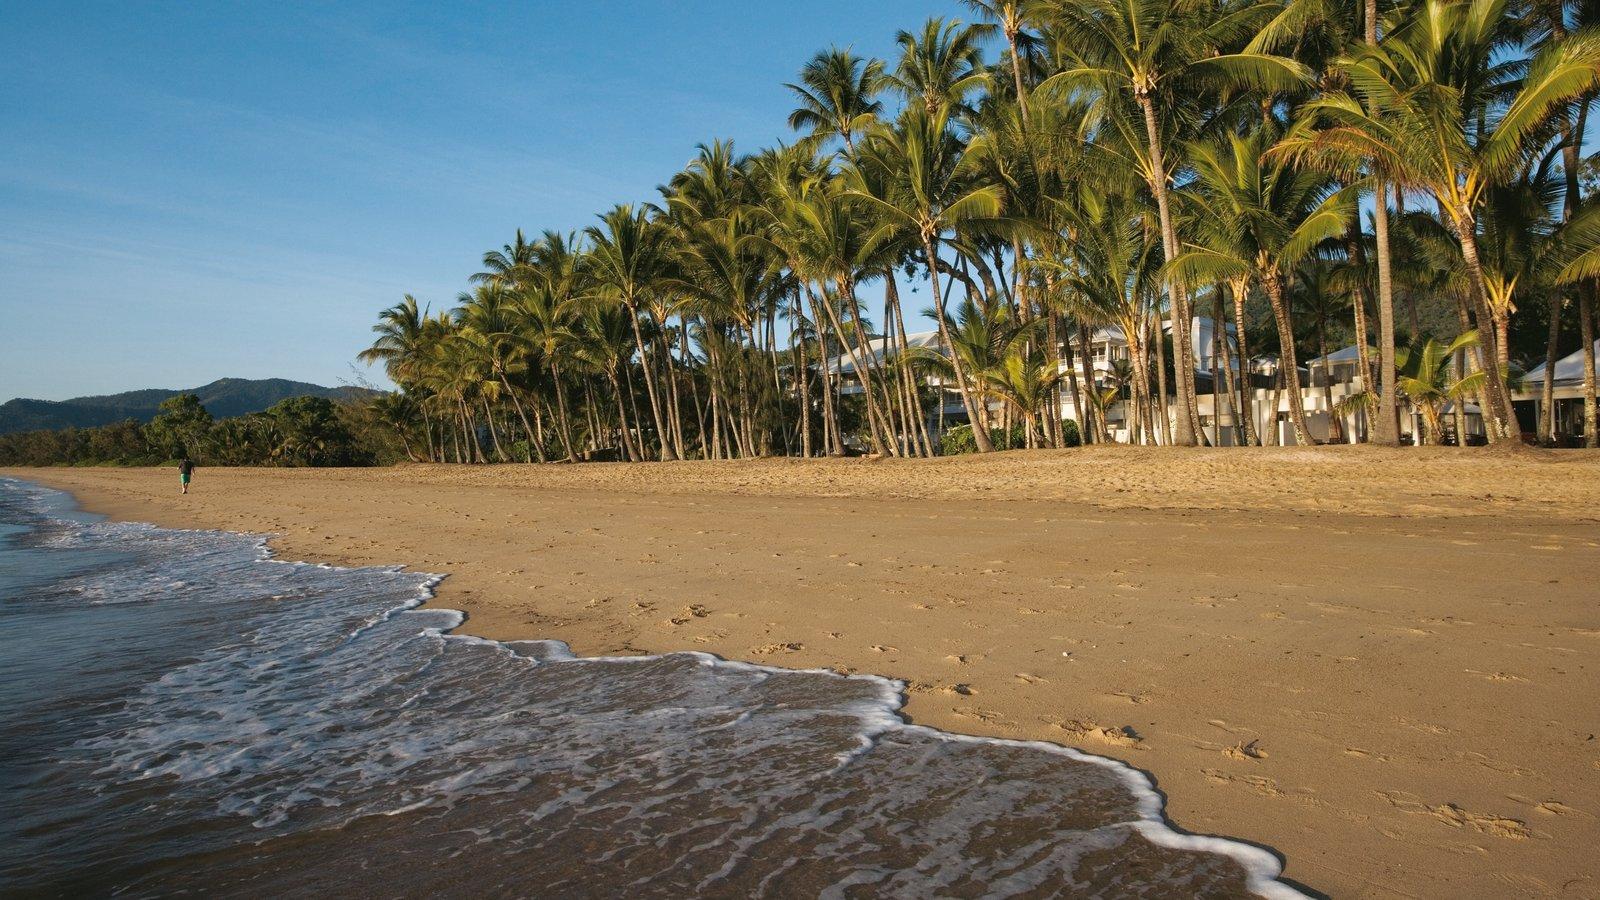 Palm Cove que incluye escenas tropicales, vistas de paisajes y una playa de arena